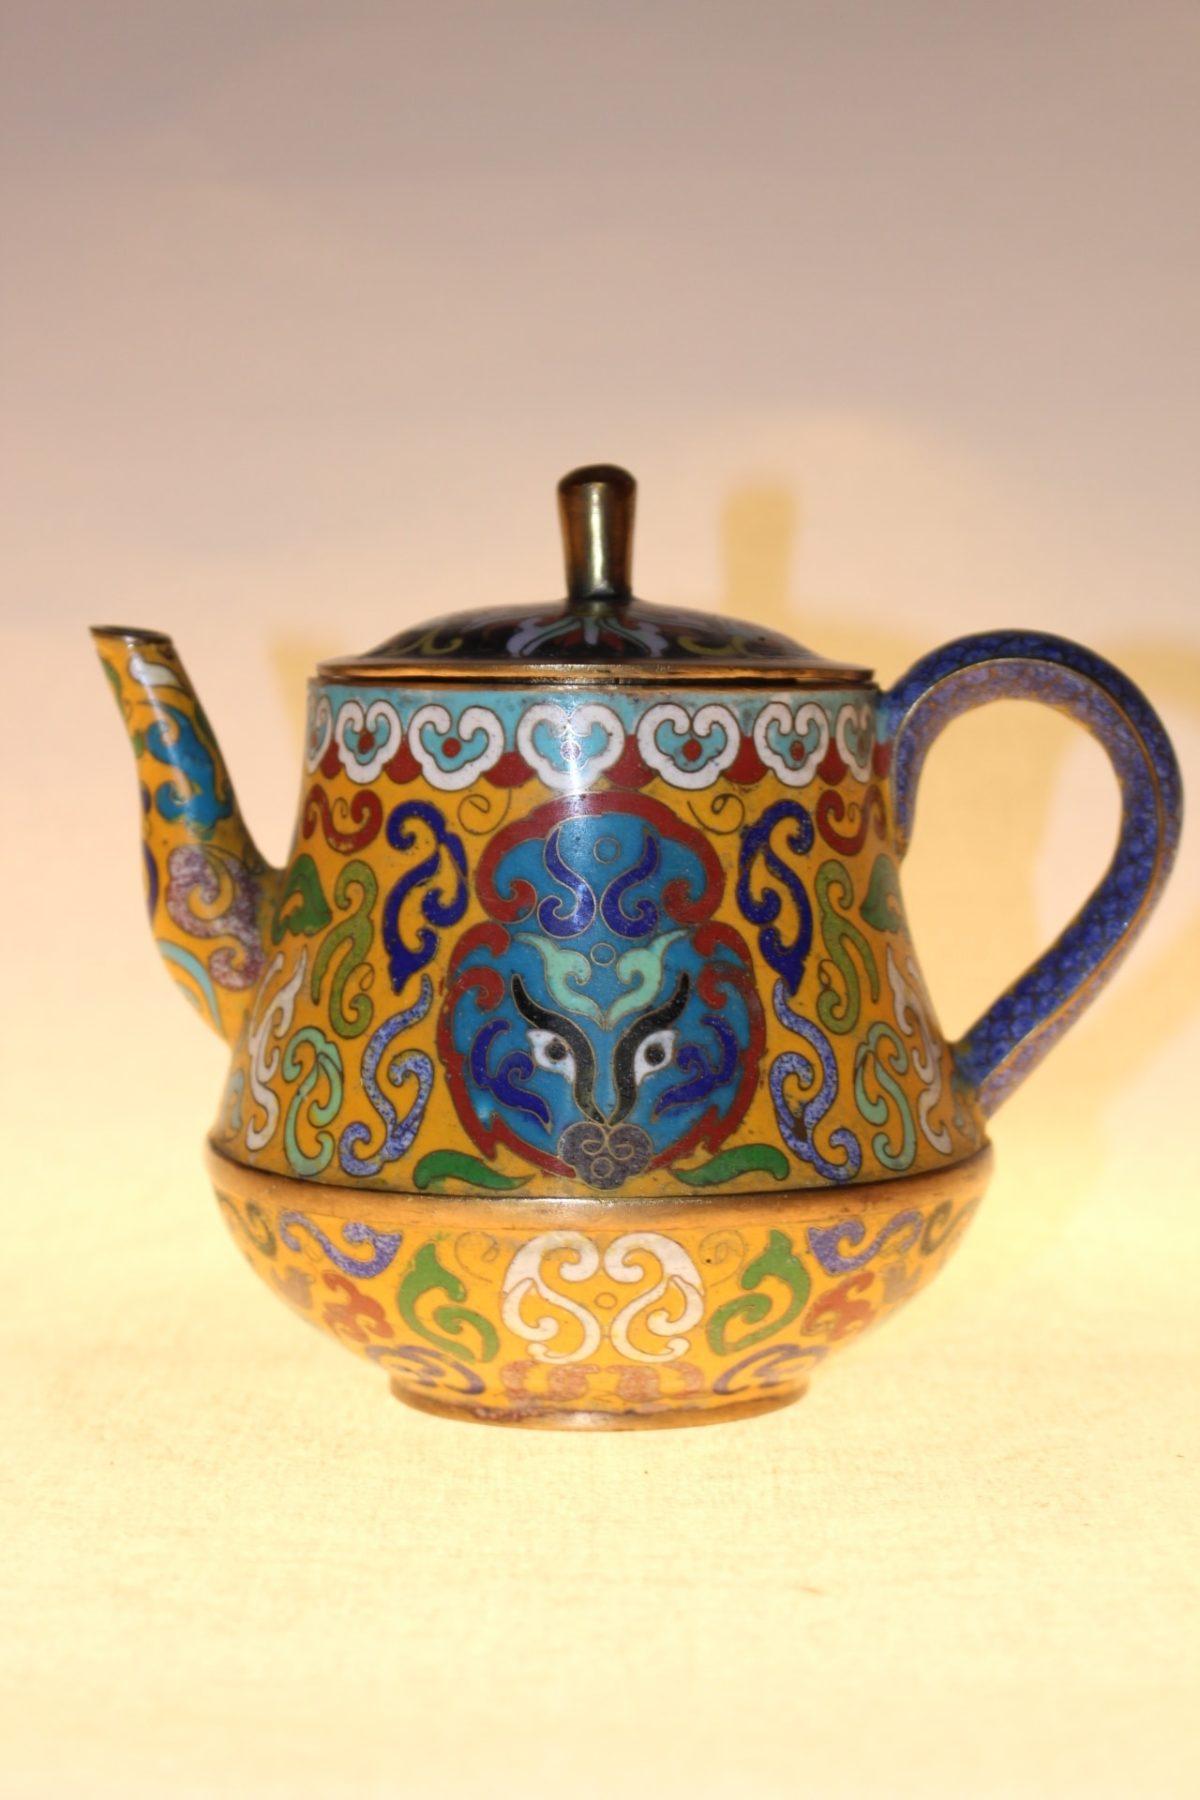 Chinesische Teekanne aus Cloisonné, ca. 75 Jahre alt, 14 x 16,5 x 12,5 cm